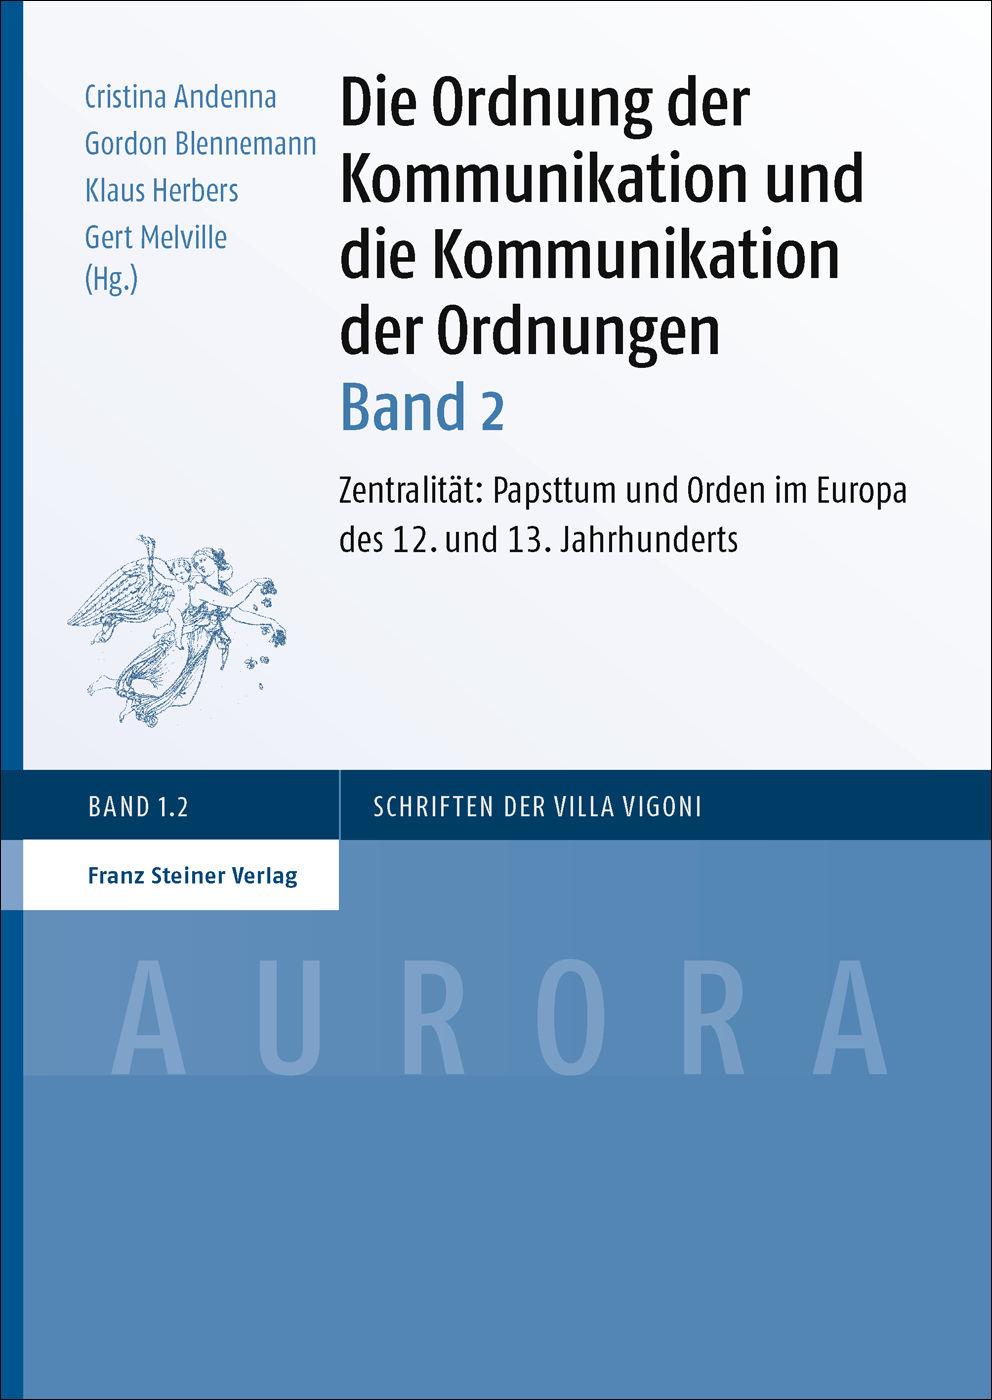 Die Ordnung der Kommunikation und die Kommunikation der Ordnungen. Bd. 2